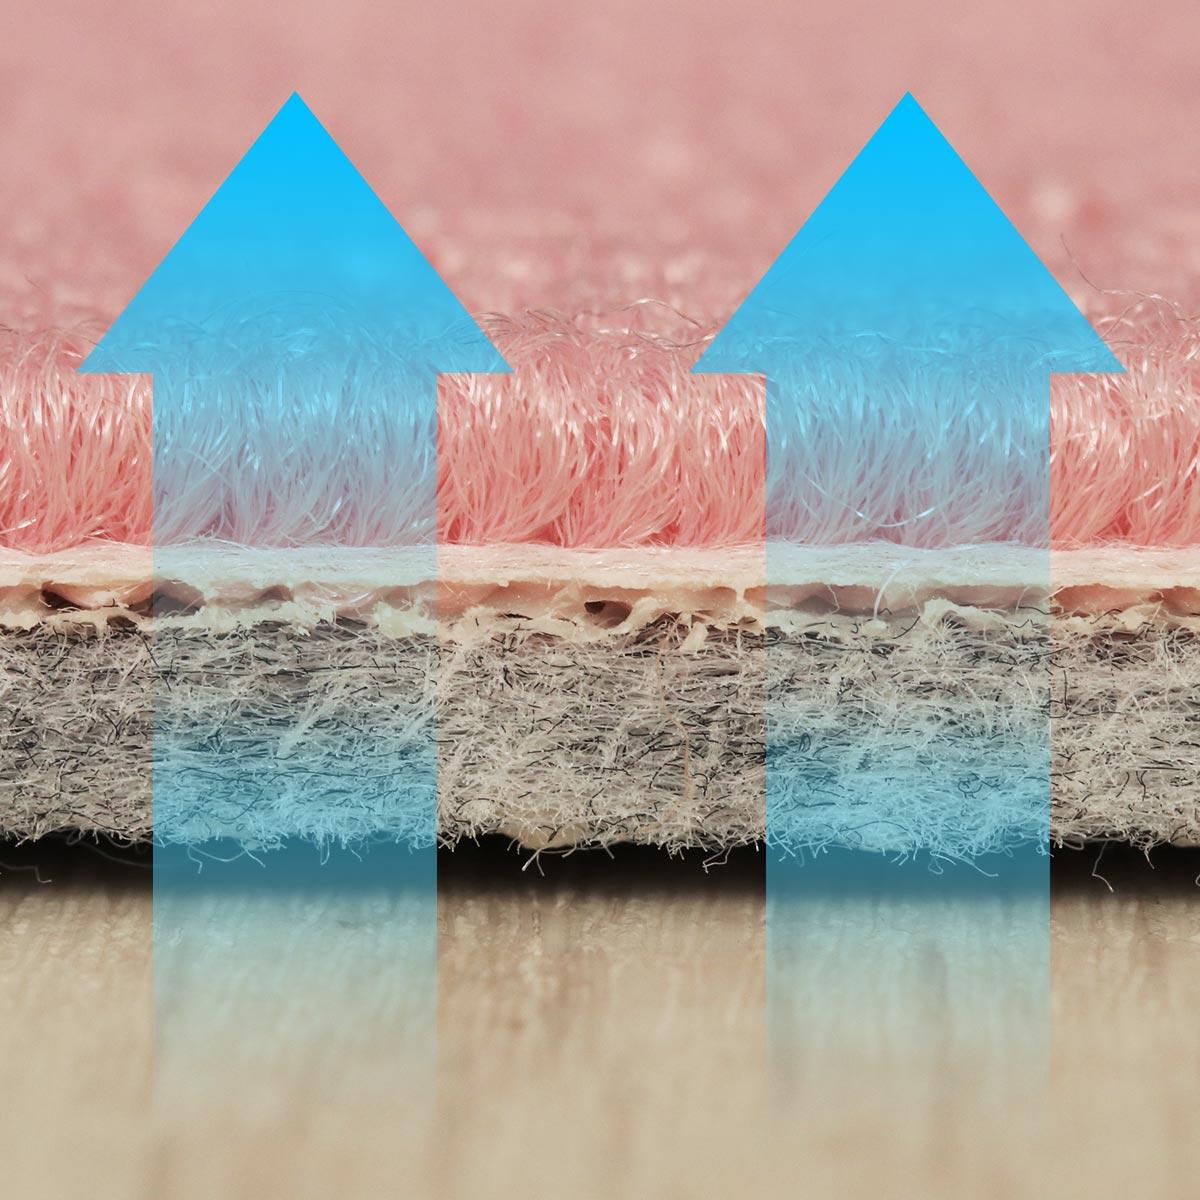 適度な通気性があるため、湿気によるカビの発生を防ぎ、寒い時にも床の結露の心配がありません。